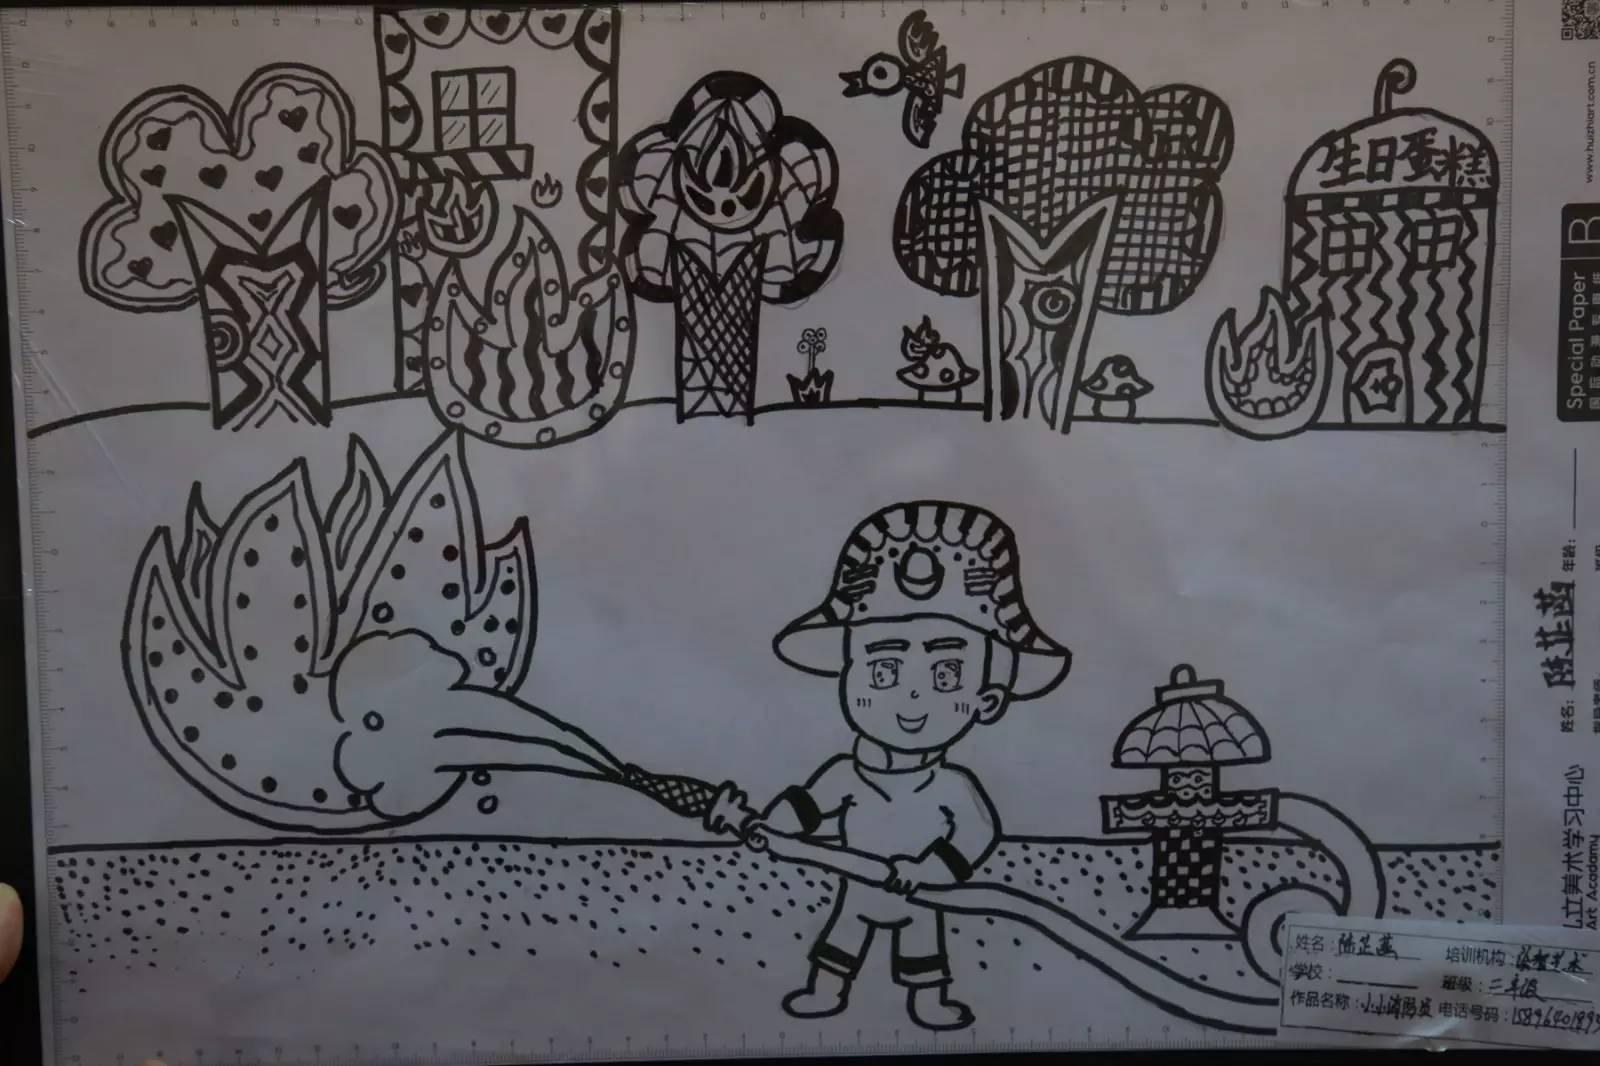 消防简笔画-第二届全国儿童消防作文绘画部分作品展示